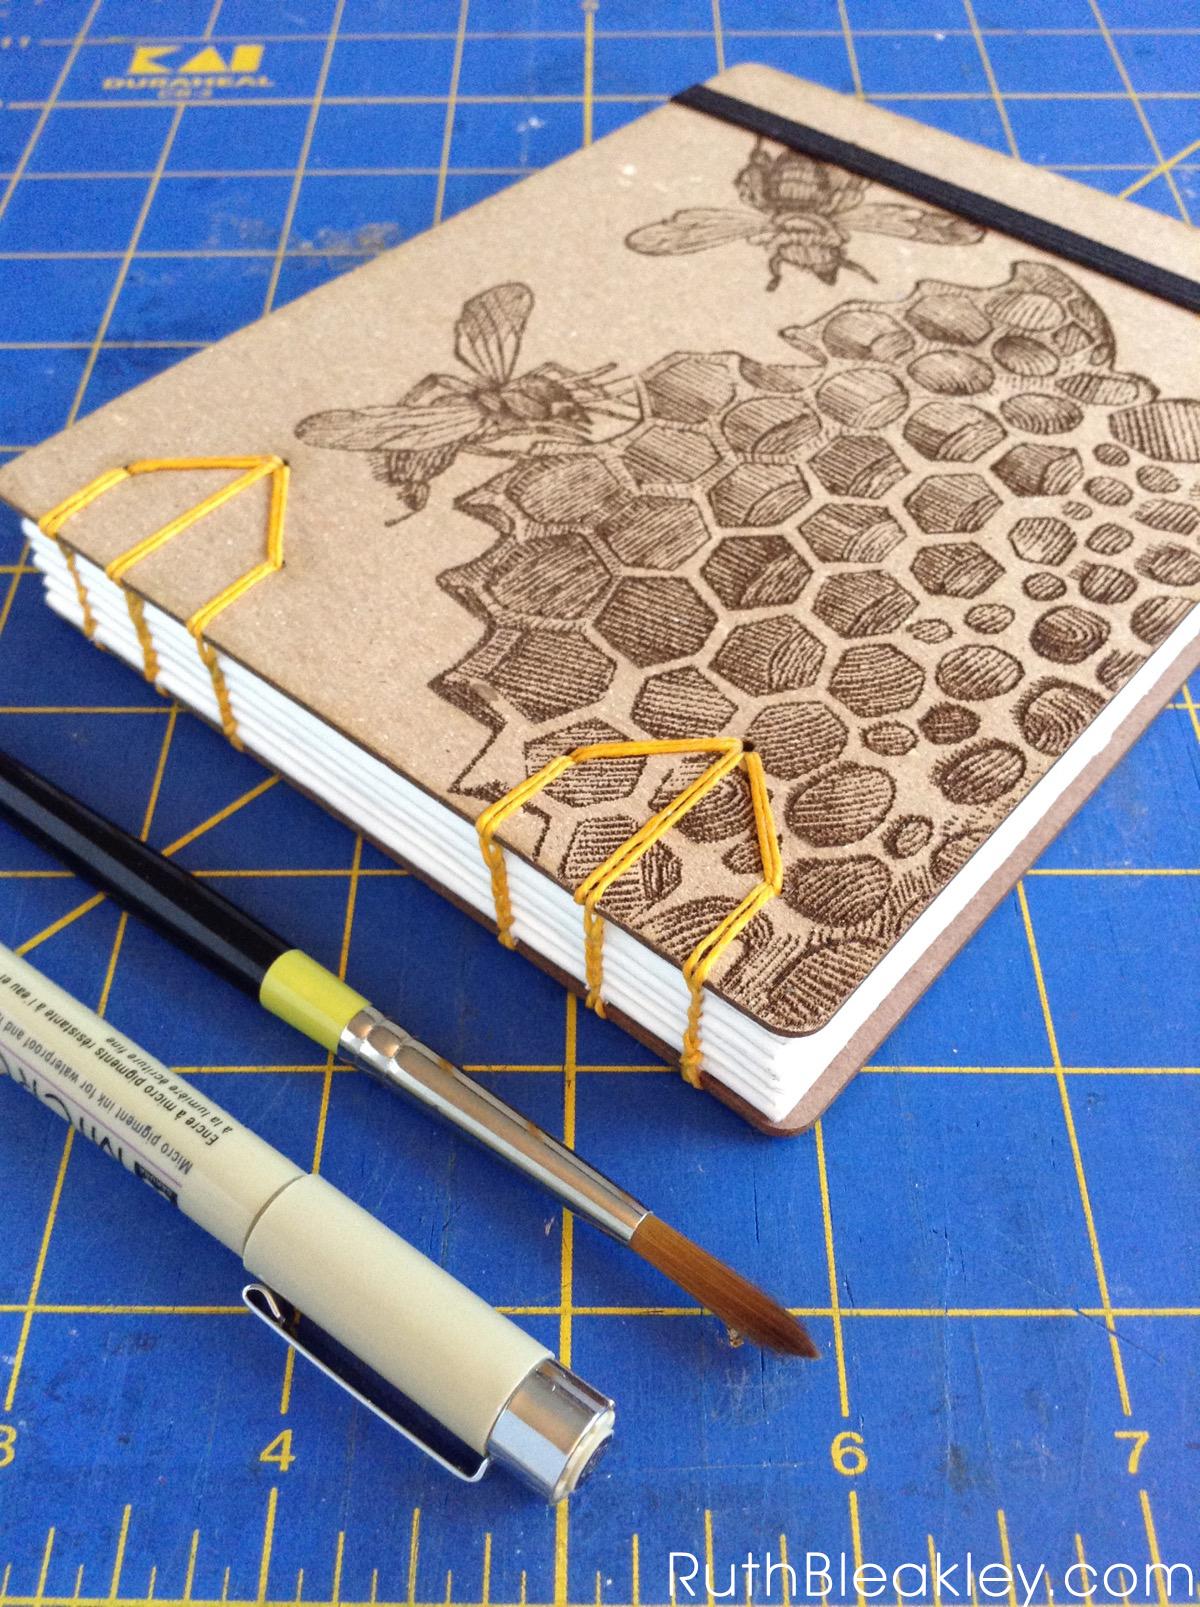 Honeybee Watercolor Sketchbook handmade by Ruth Bleakley with laser engraved cover - beekeeper gifts